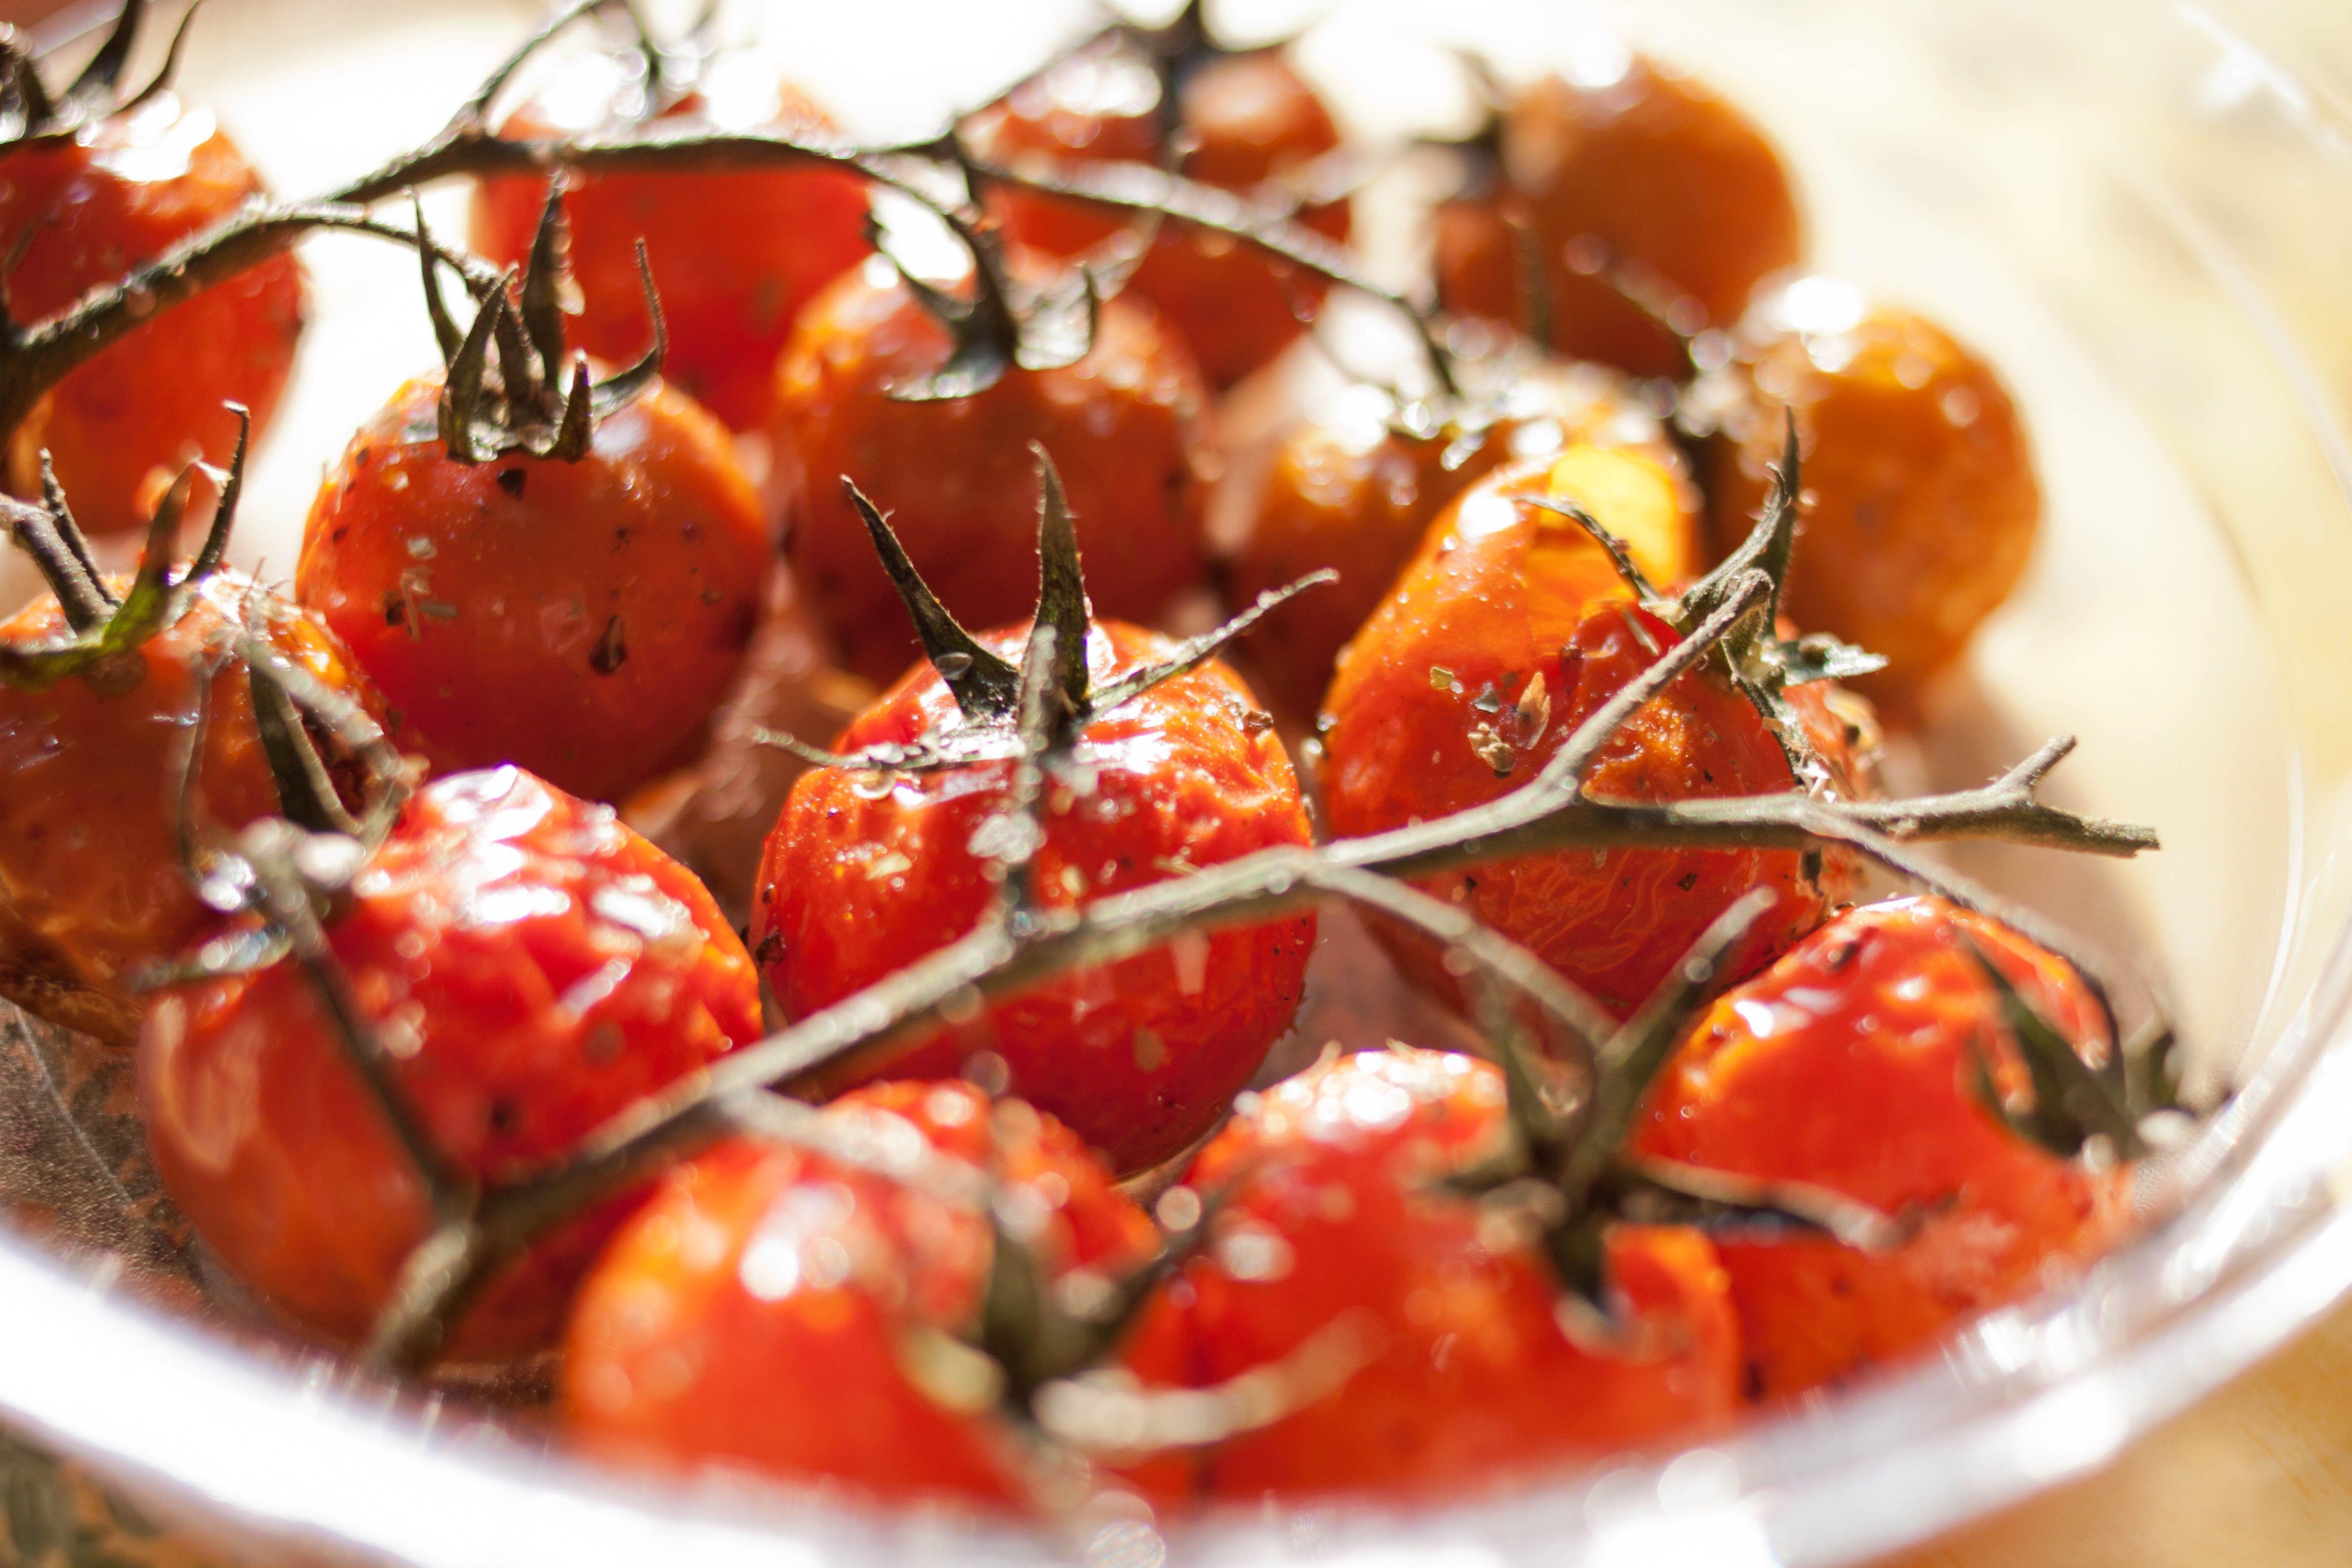 tomates cerises en grappe confites l 39 huile d 39 olive au vinaigre balsamique sel sucre et. Black Bedroom Furniture Sets. Home Design Ideas